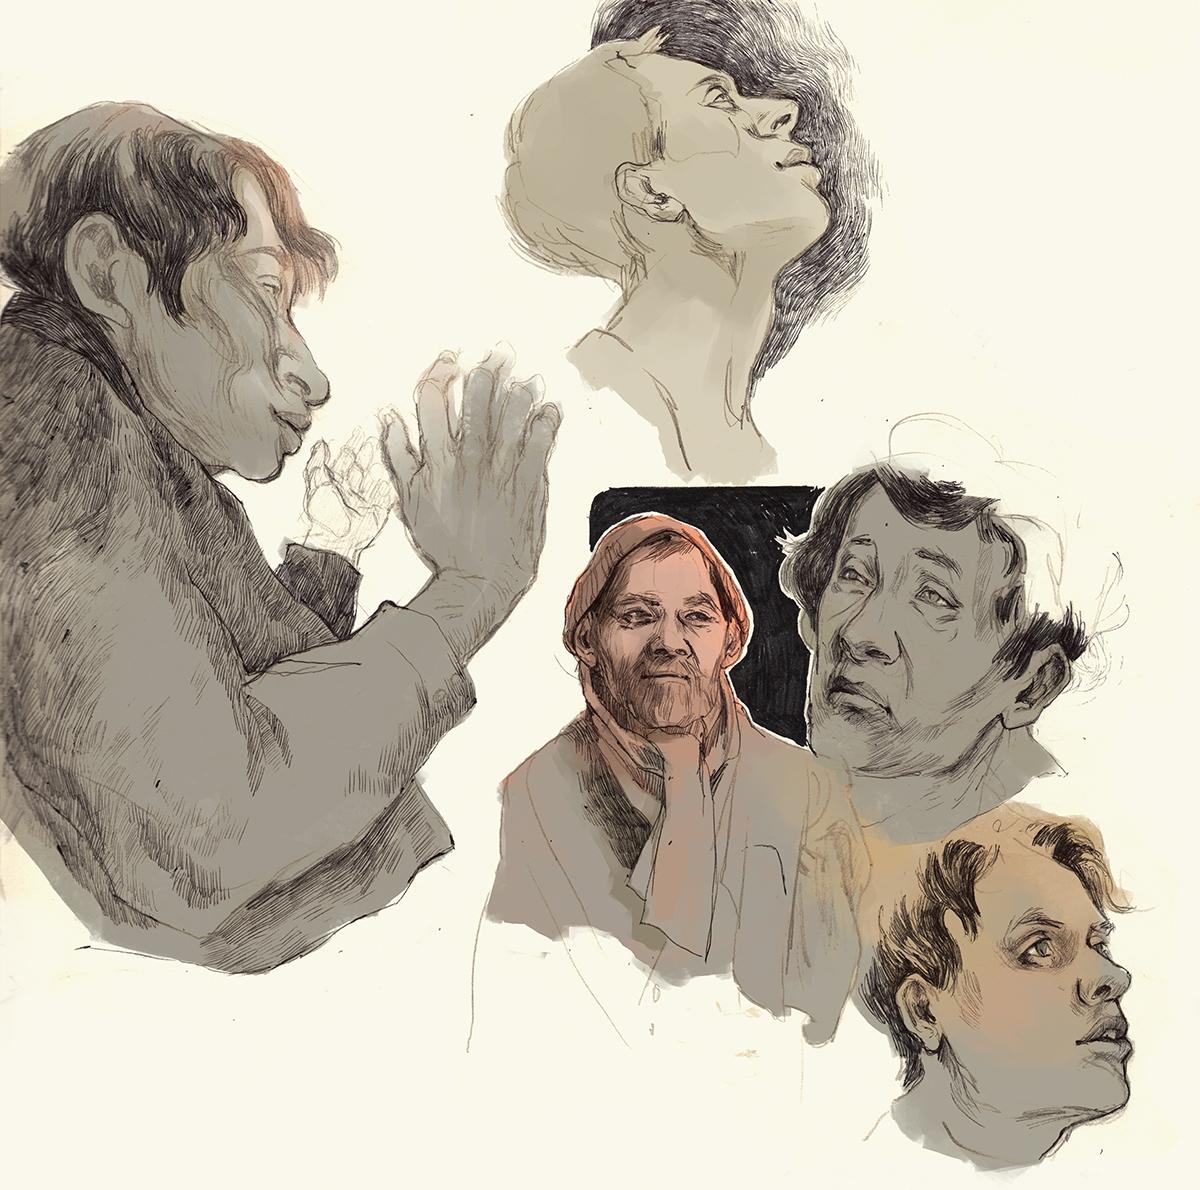 illustration, thomkemeyer, charactersketches - thomke-9244 | ello